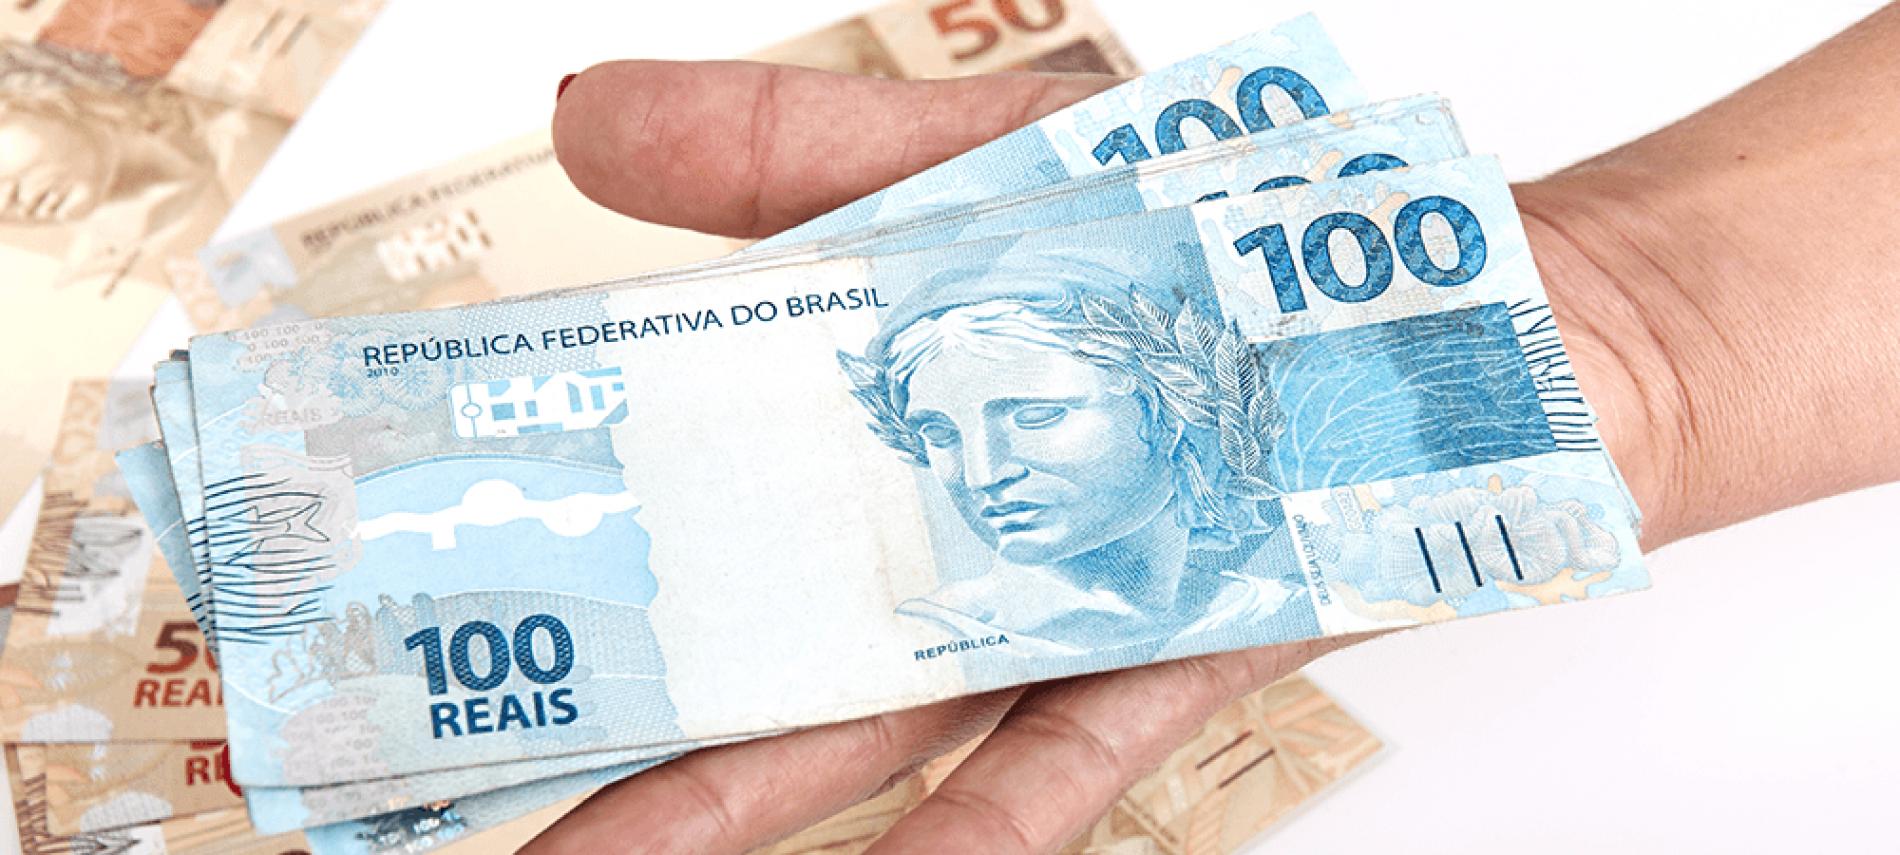 BARRETOS: Empresário cai em golpe e perde 2 mil reais